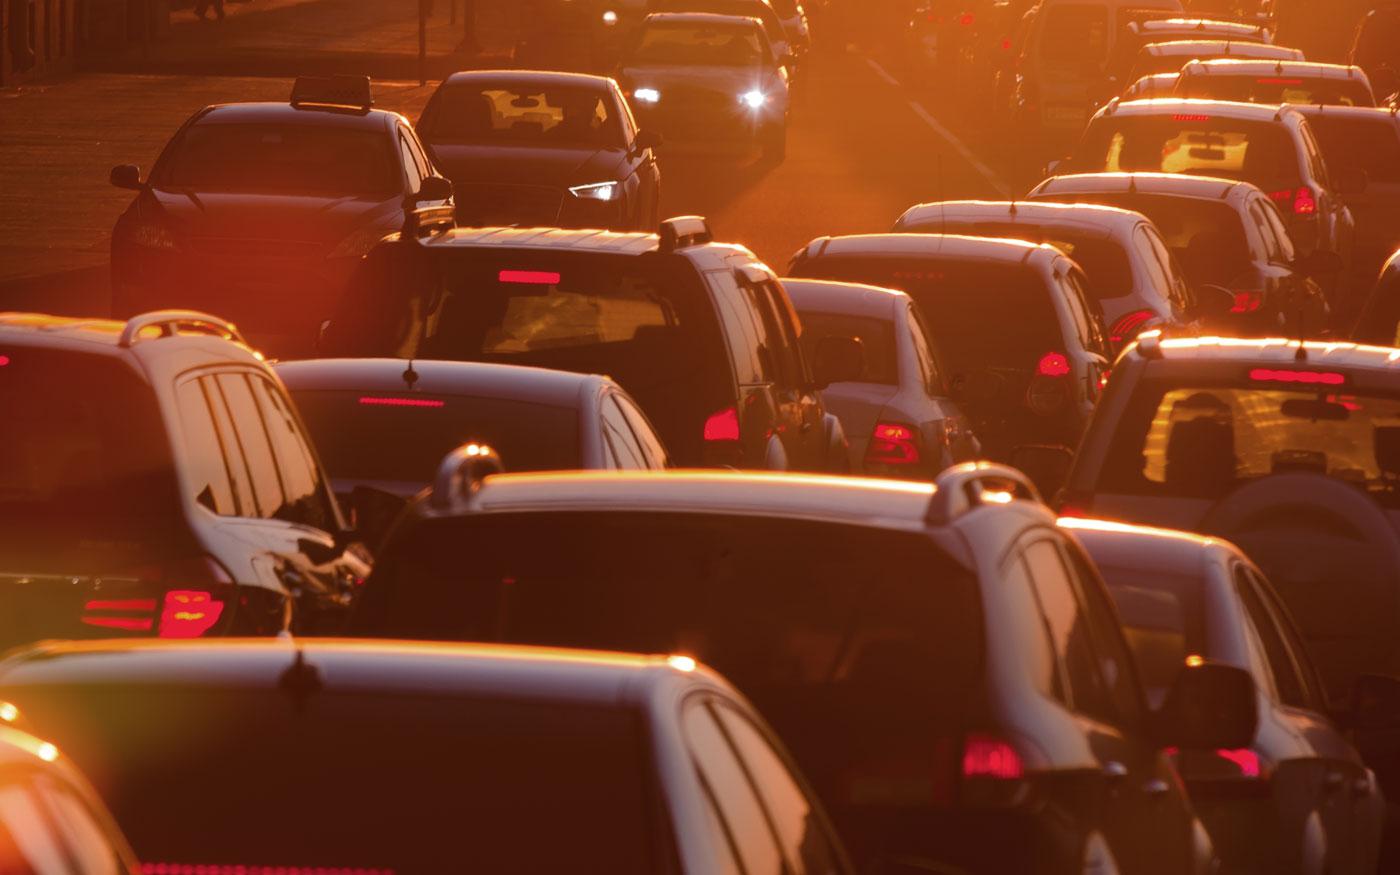 Betonfal csere miatt forgalomkorlátozás lesz az M0-s autóúton